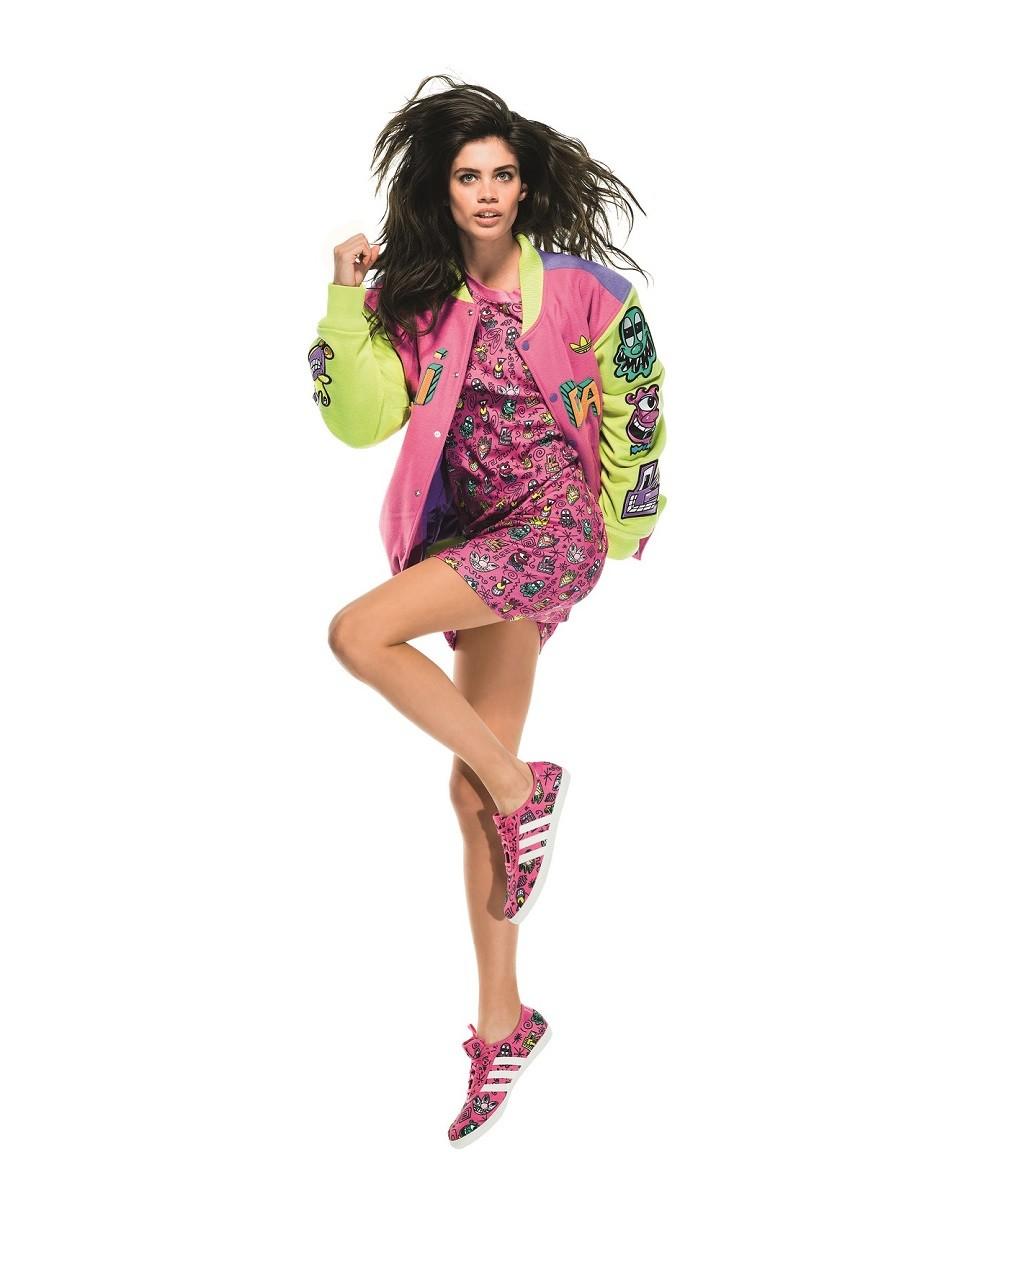 adidas Originals x Jeremy Scott形象照-5